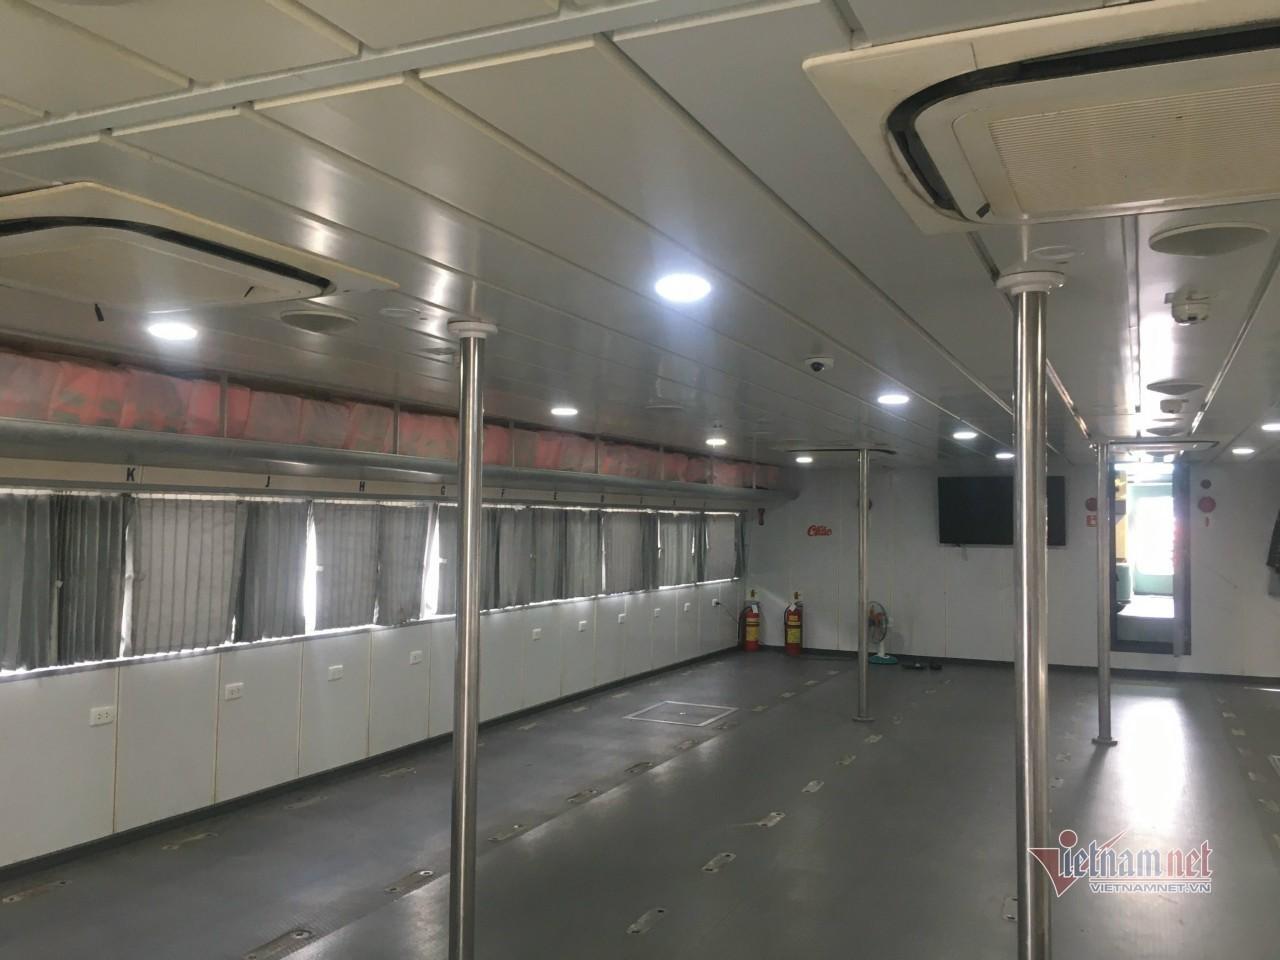 Công bố lộ trình tàu cao tốc vận chuyển hàng thiết yếu từ miền Tây về TP.HCM